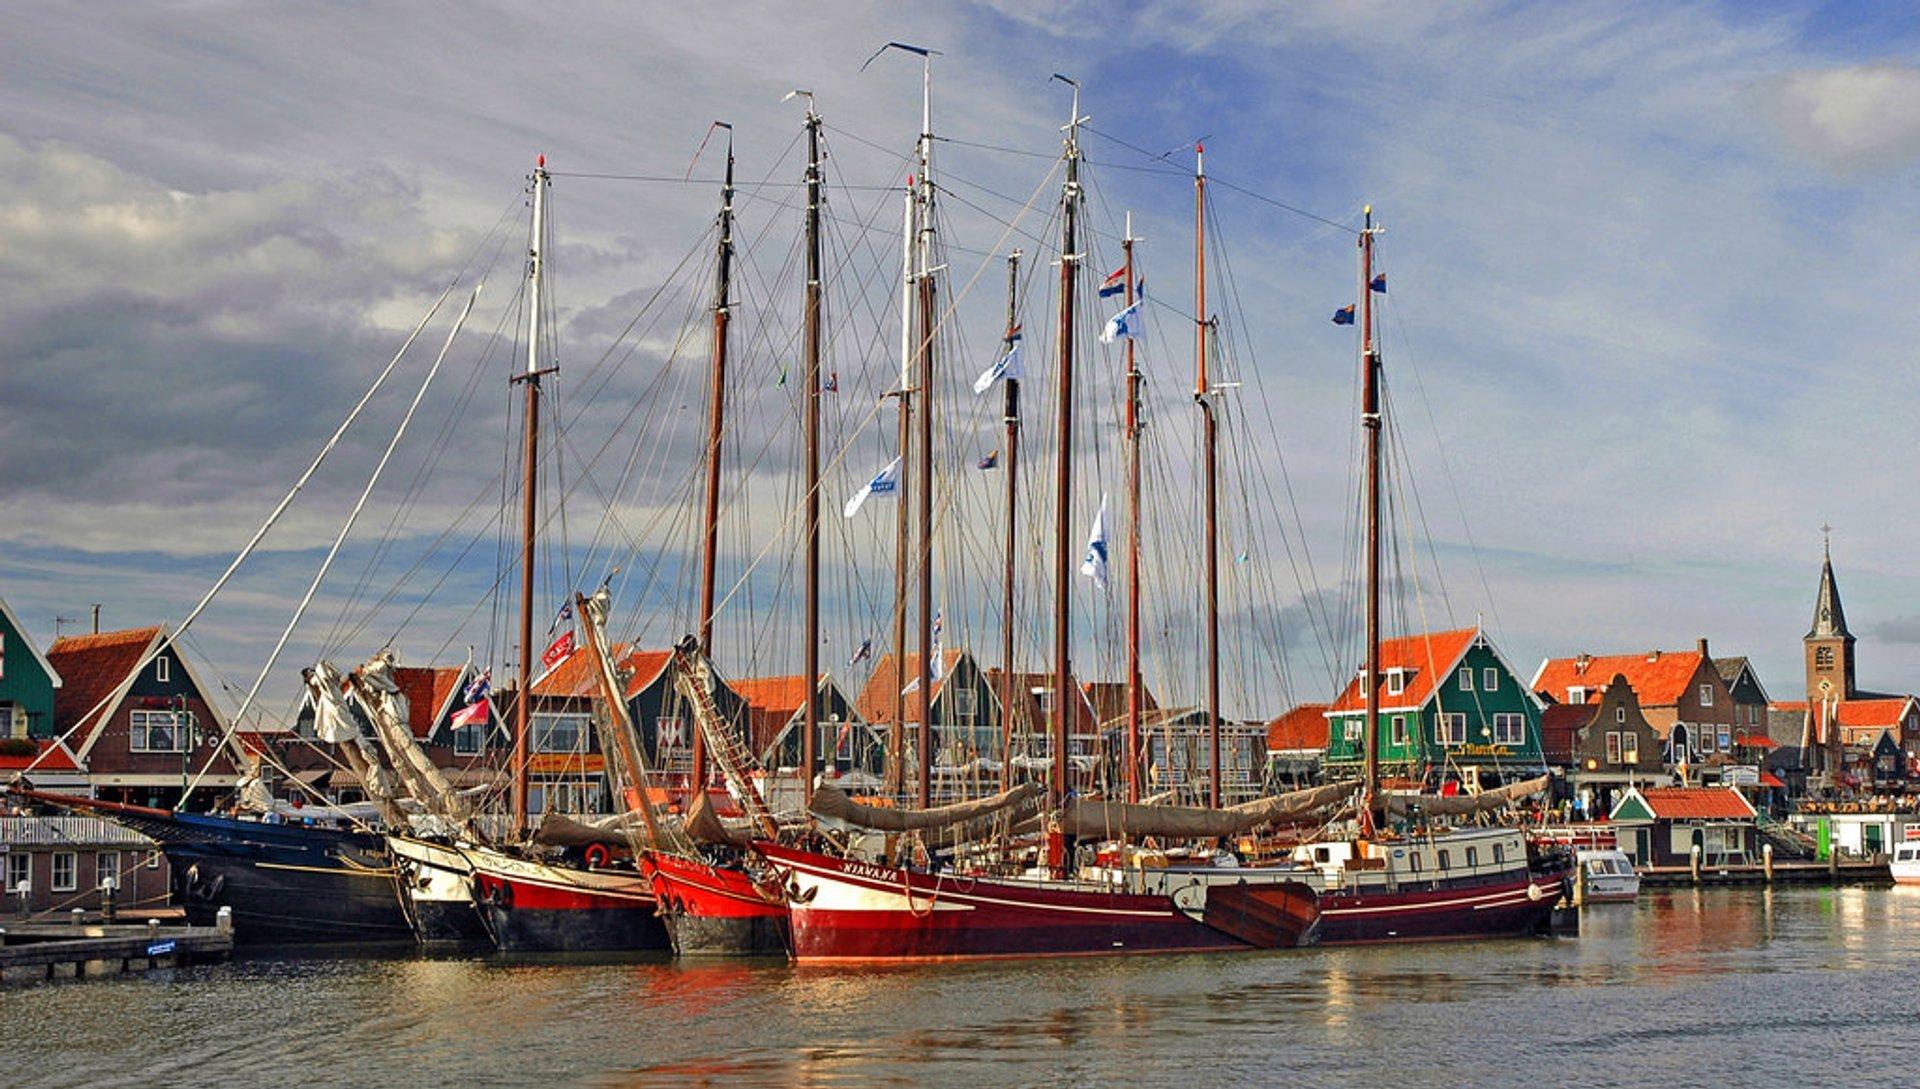 Volendam, Netherlands 2019